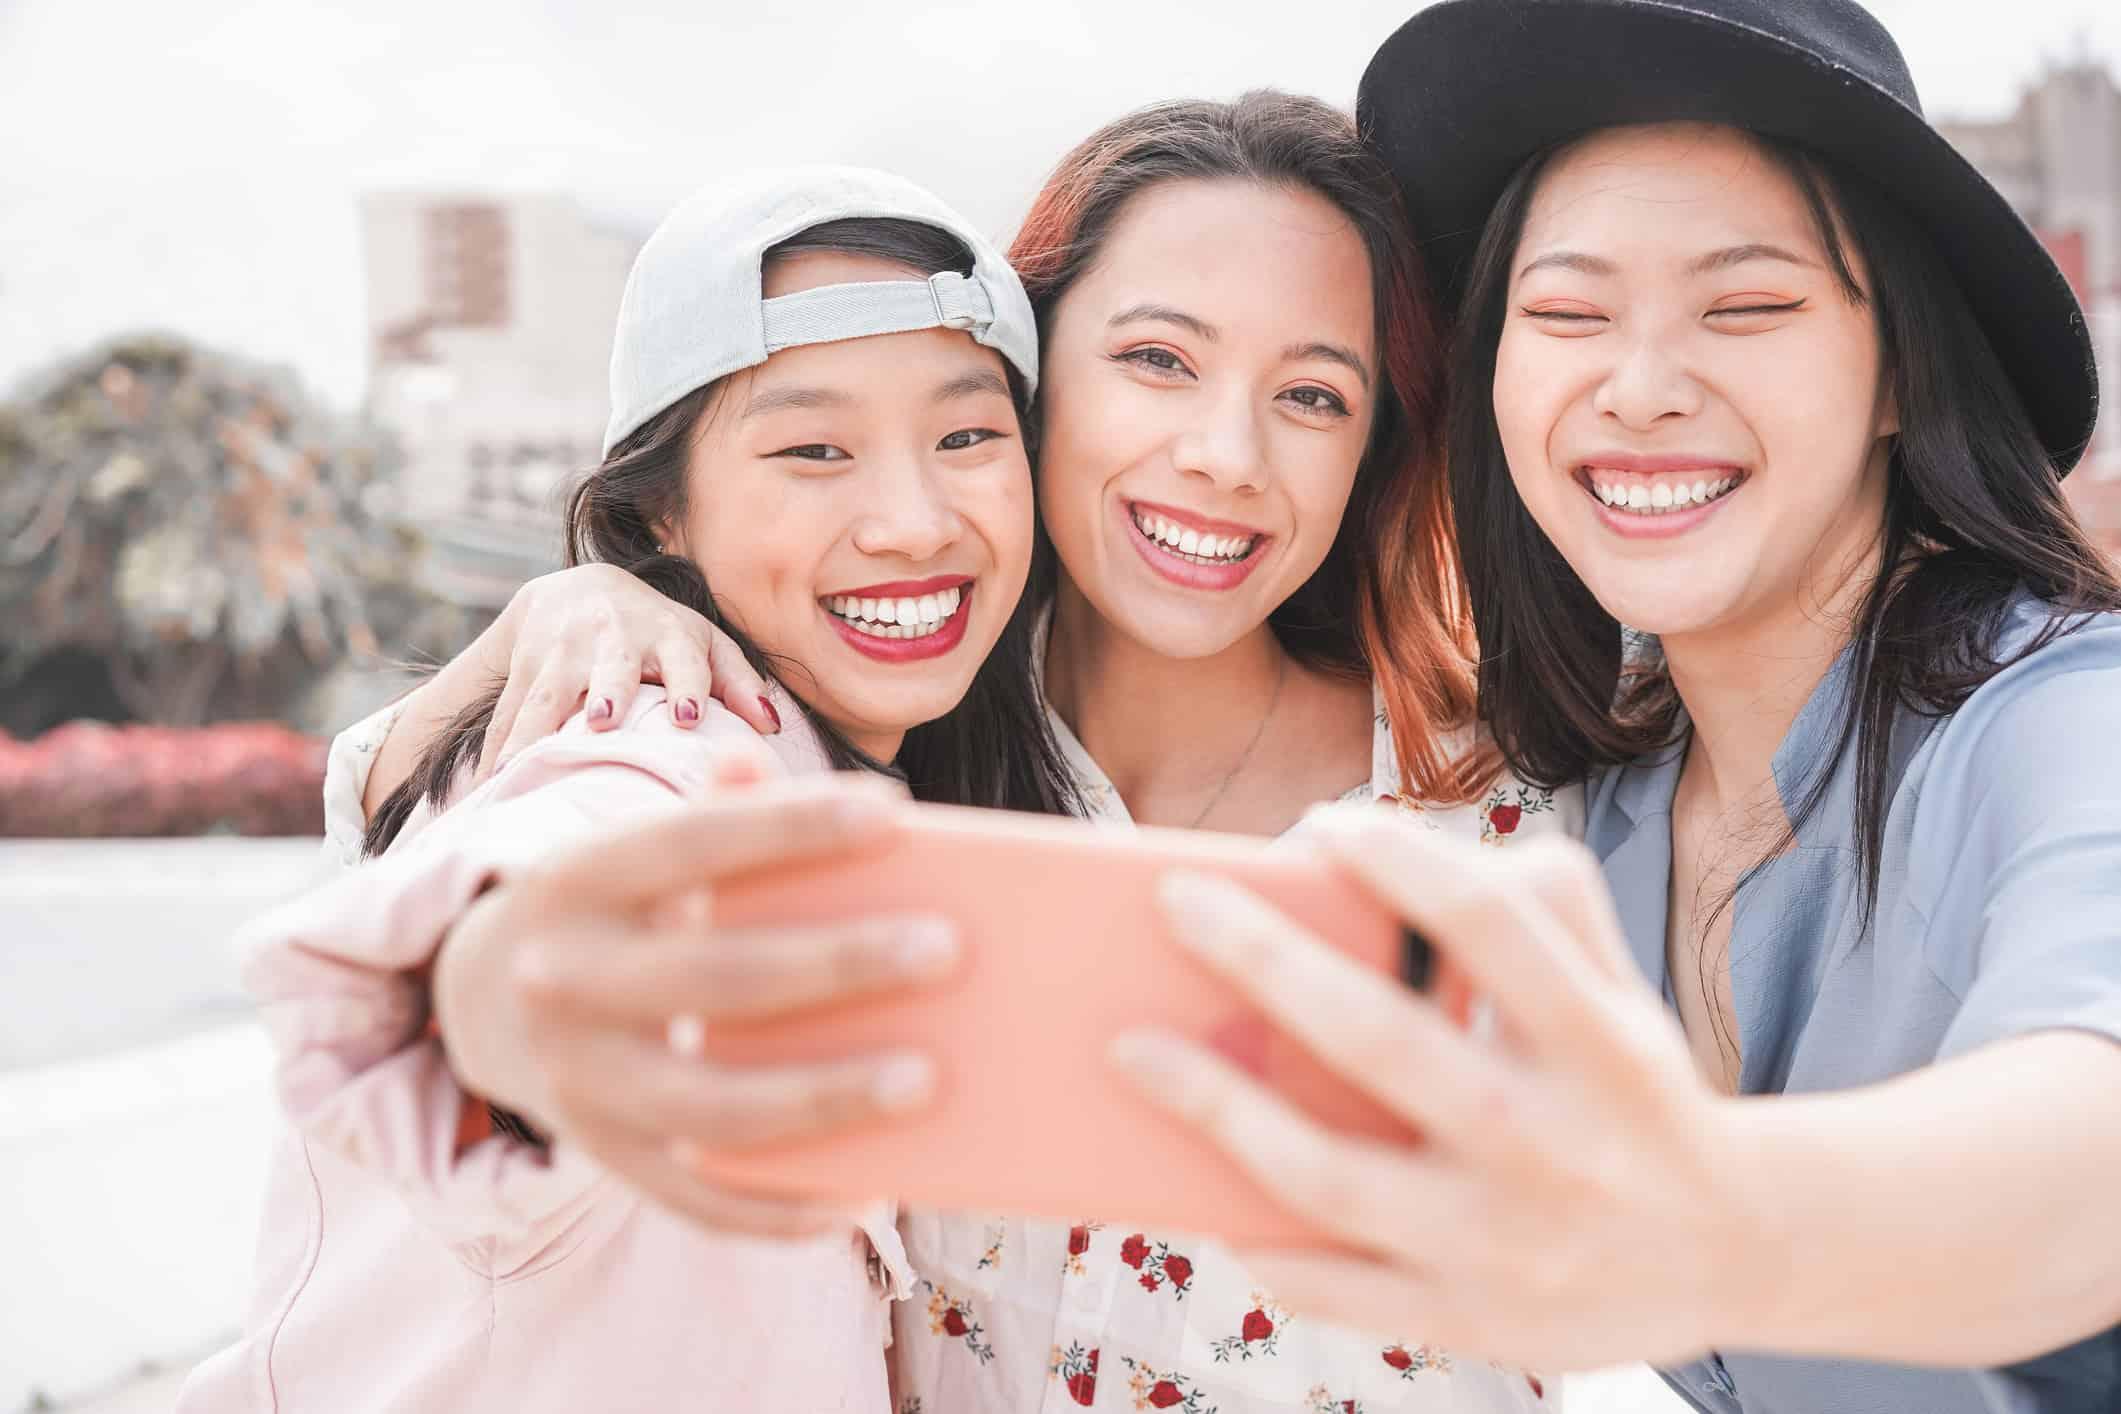 Trendy Asian Girls Making Video Story For Social Network App